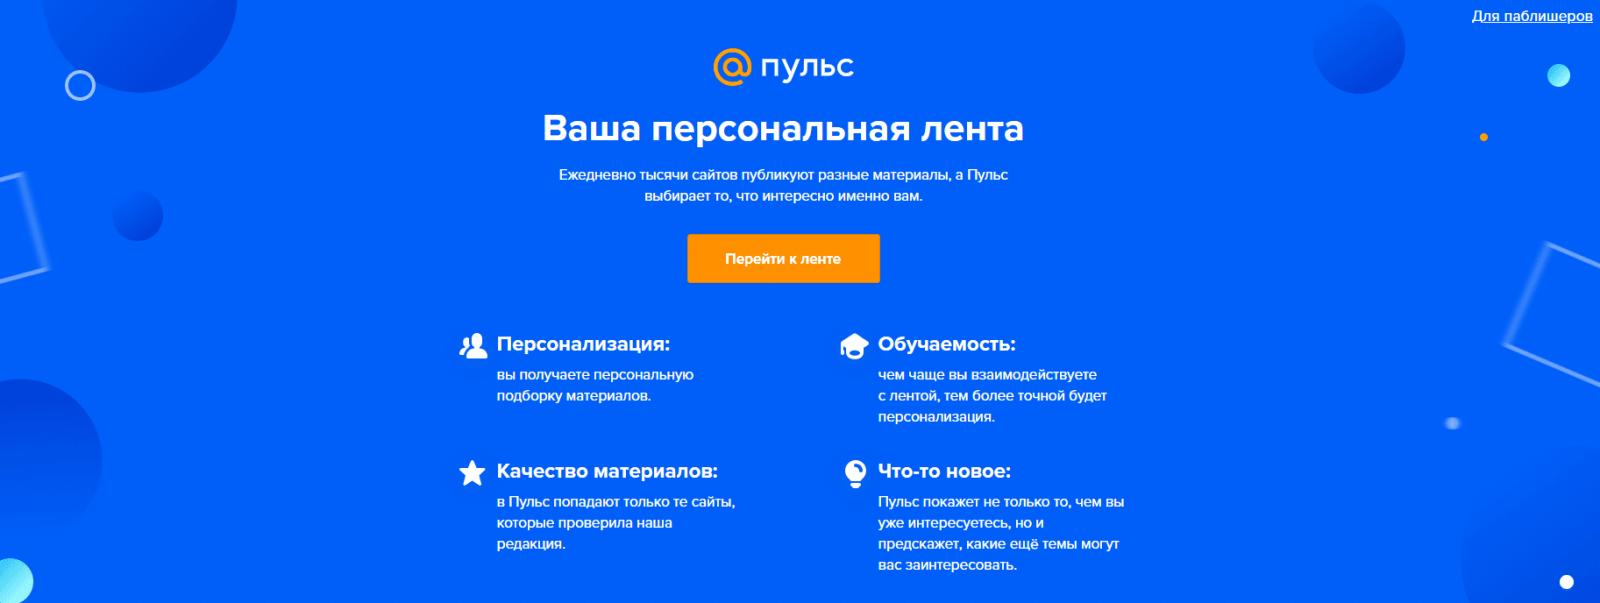 Mail.Ru запустила рекомендательную систему контента «Пульс»